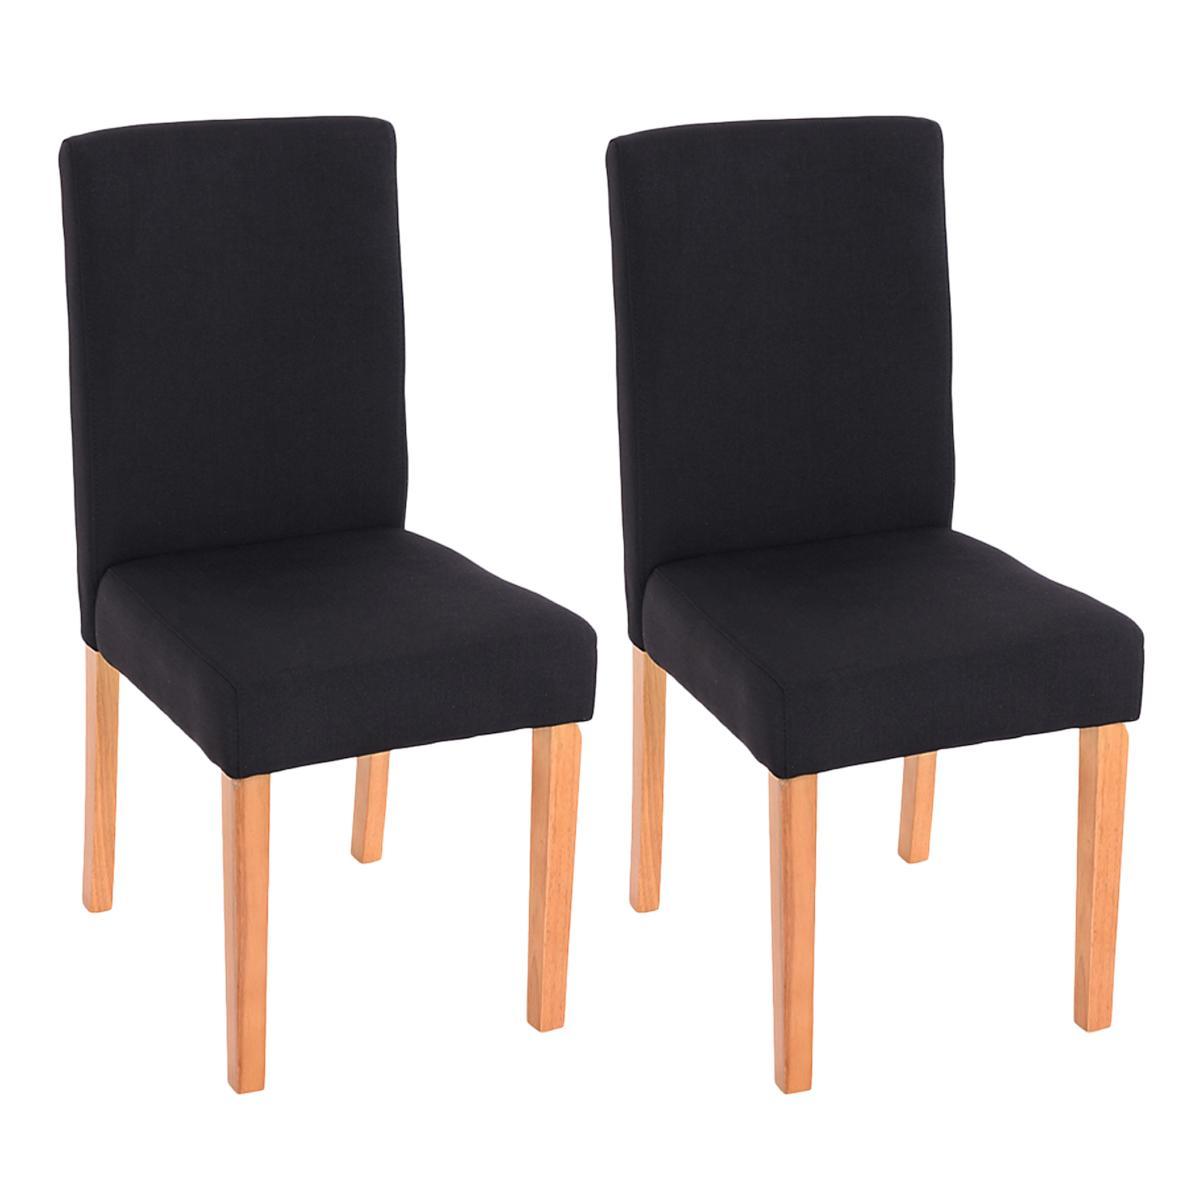 Lote 2 sillas de comedor litau tela precioso dise o en - Tela para sillas de comedor ...